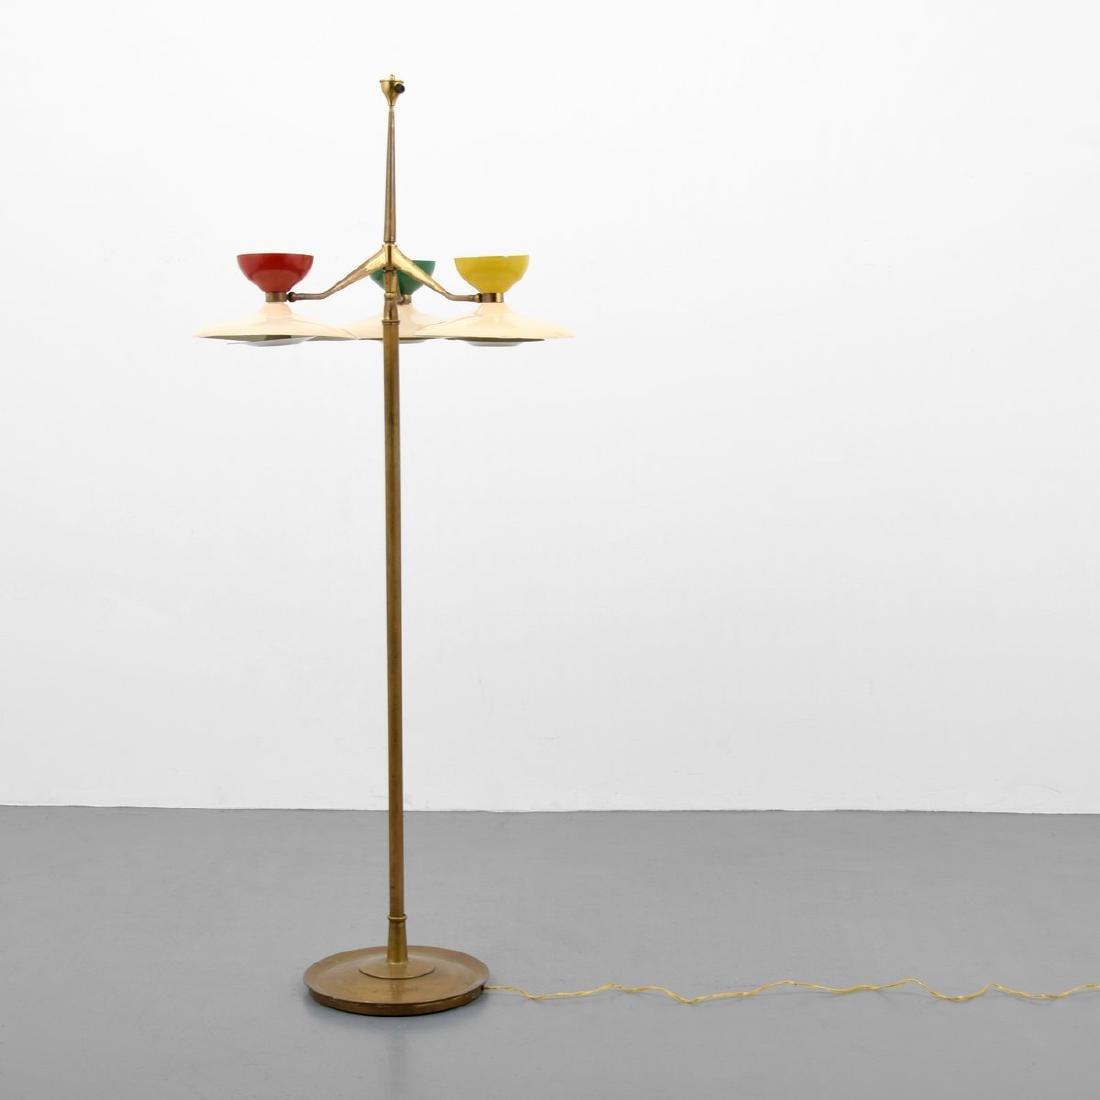 Floor Lamp, Manner of Arredoluce